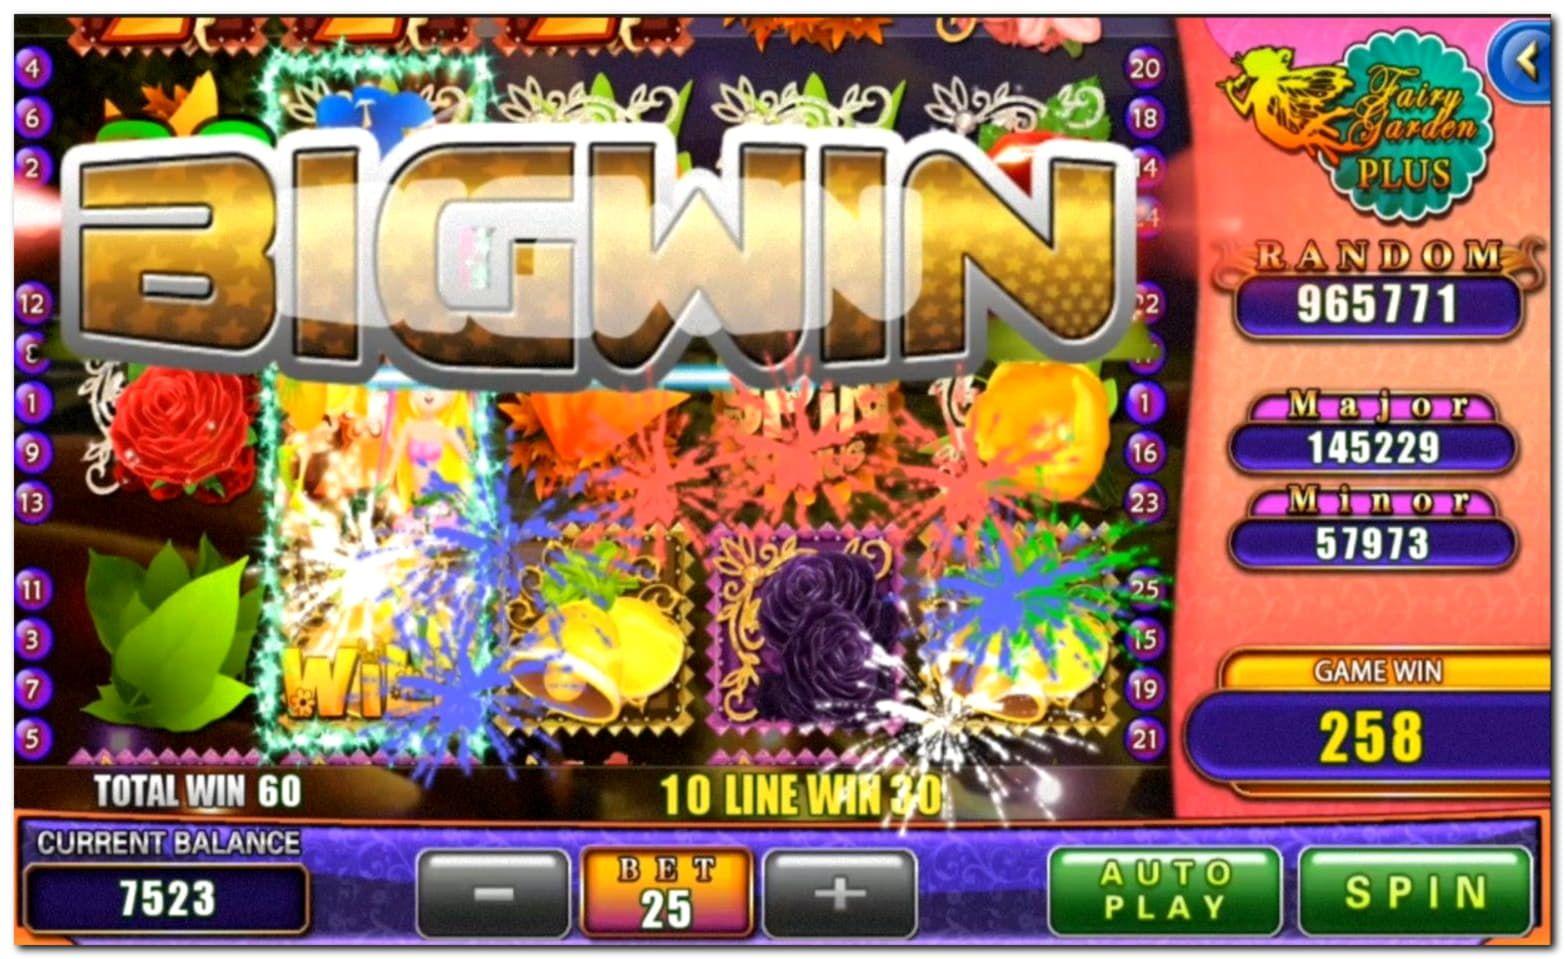 gibt es casino apps ohne geld